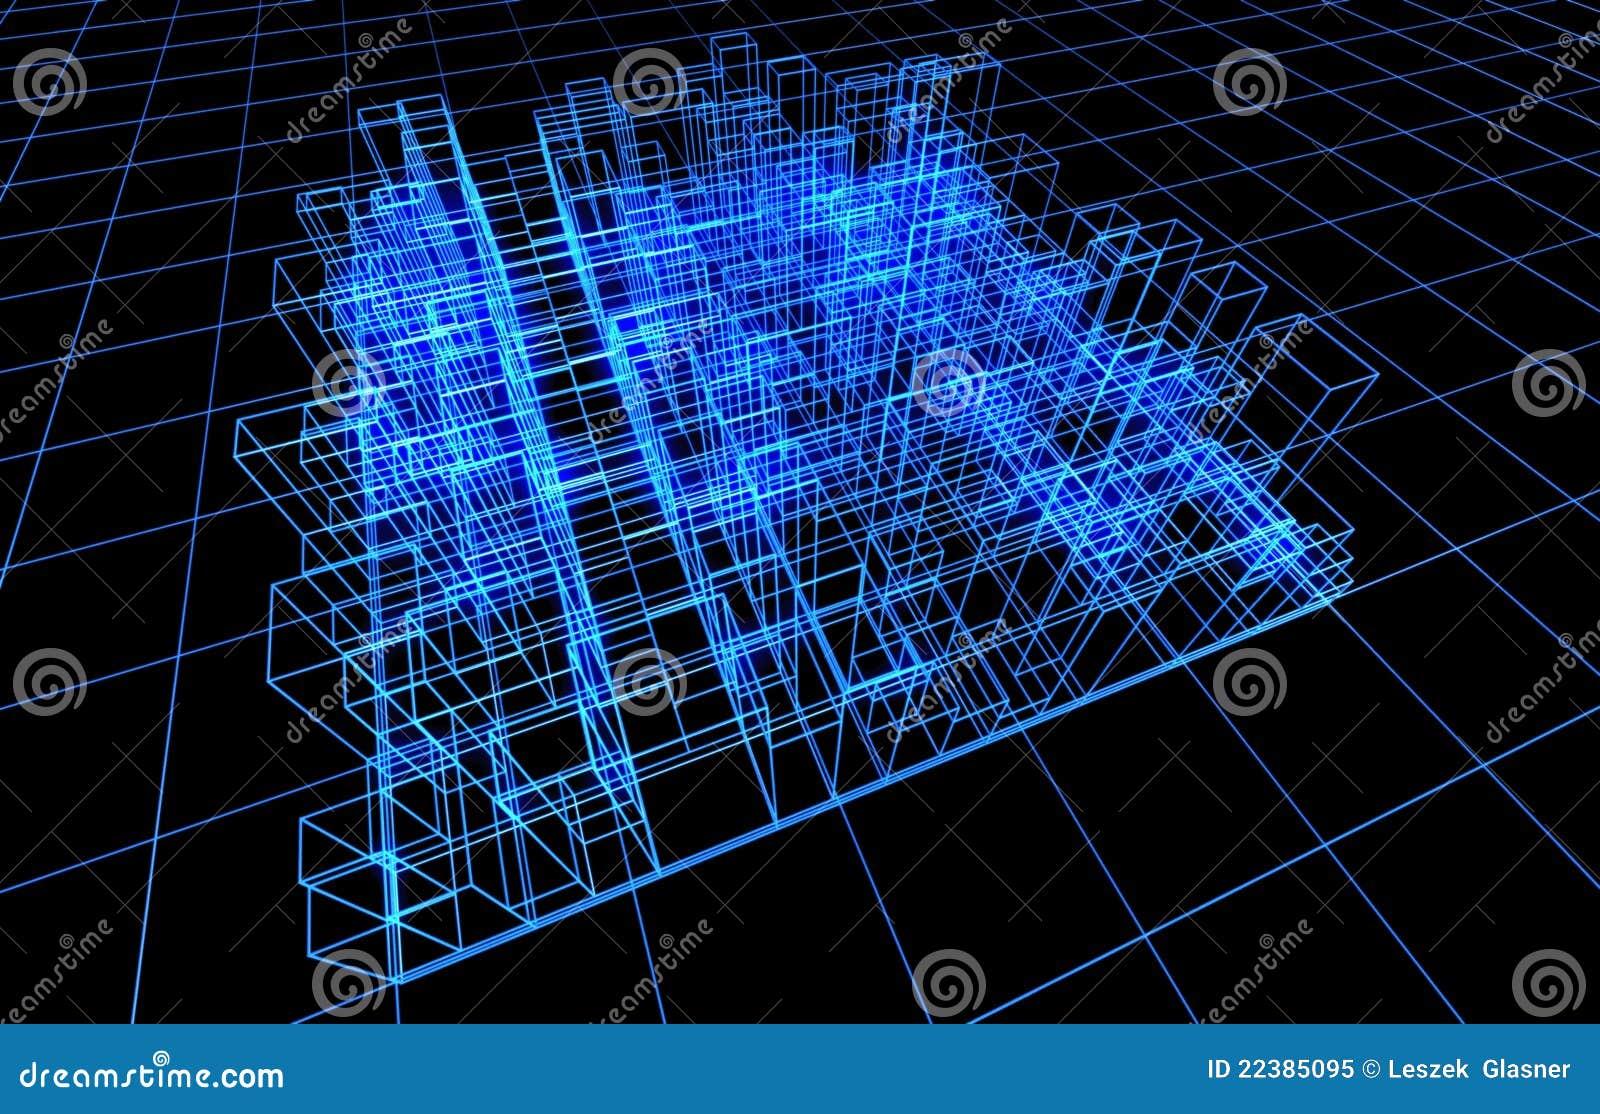 Prenda a apresentação do frame da arquitetura